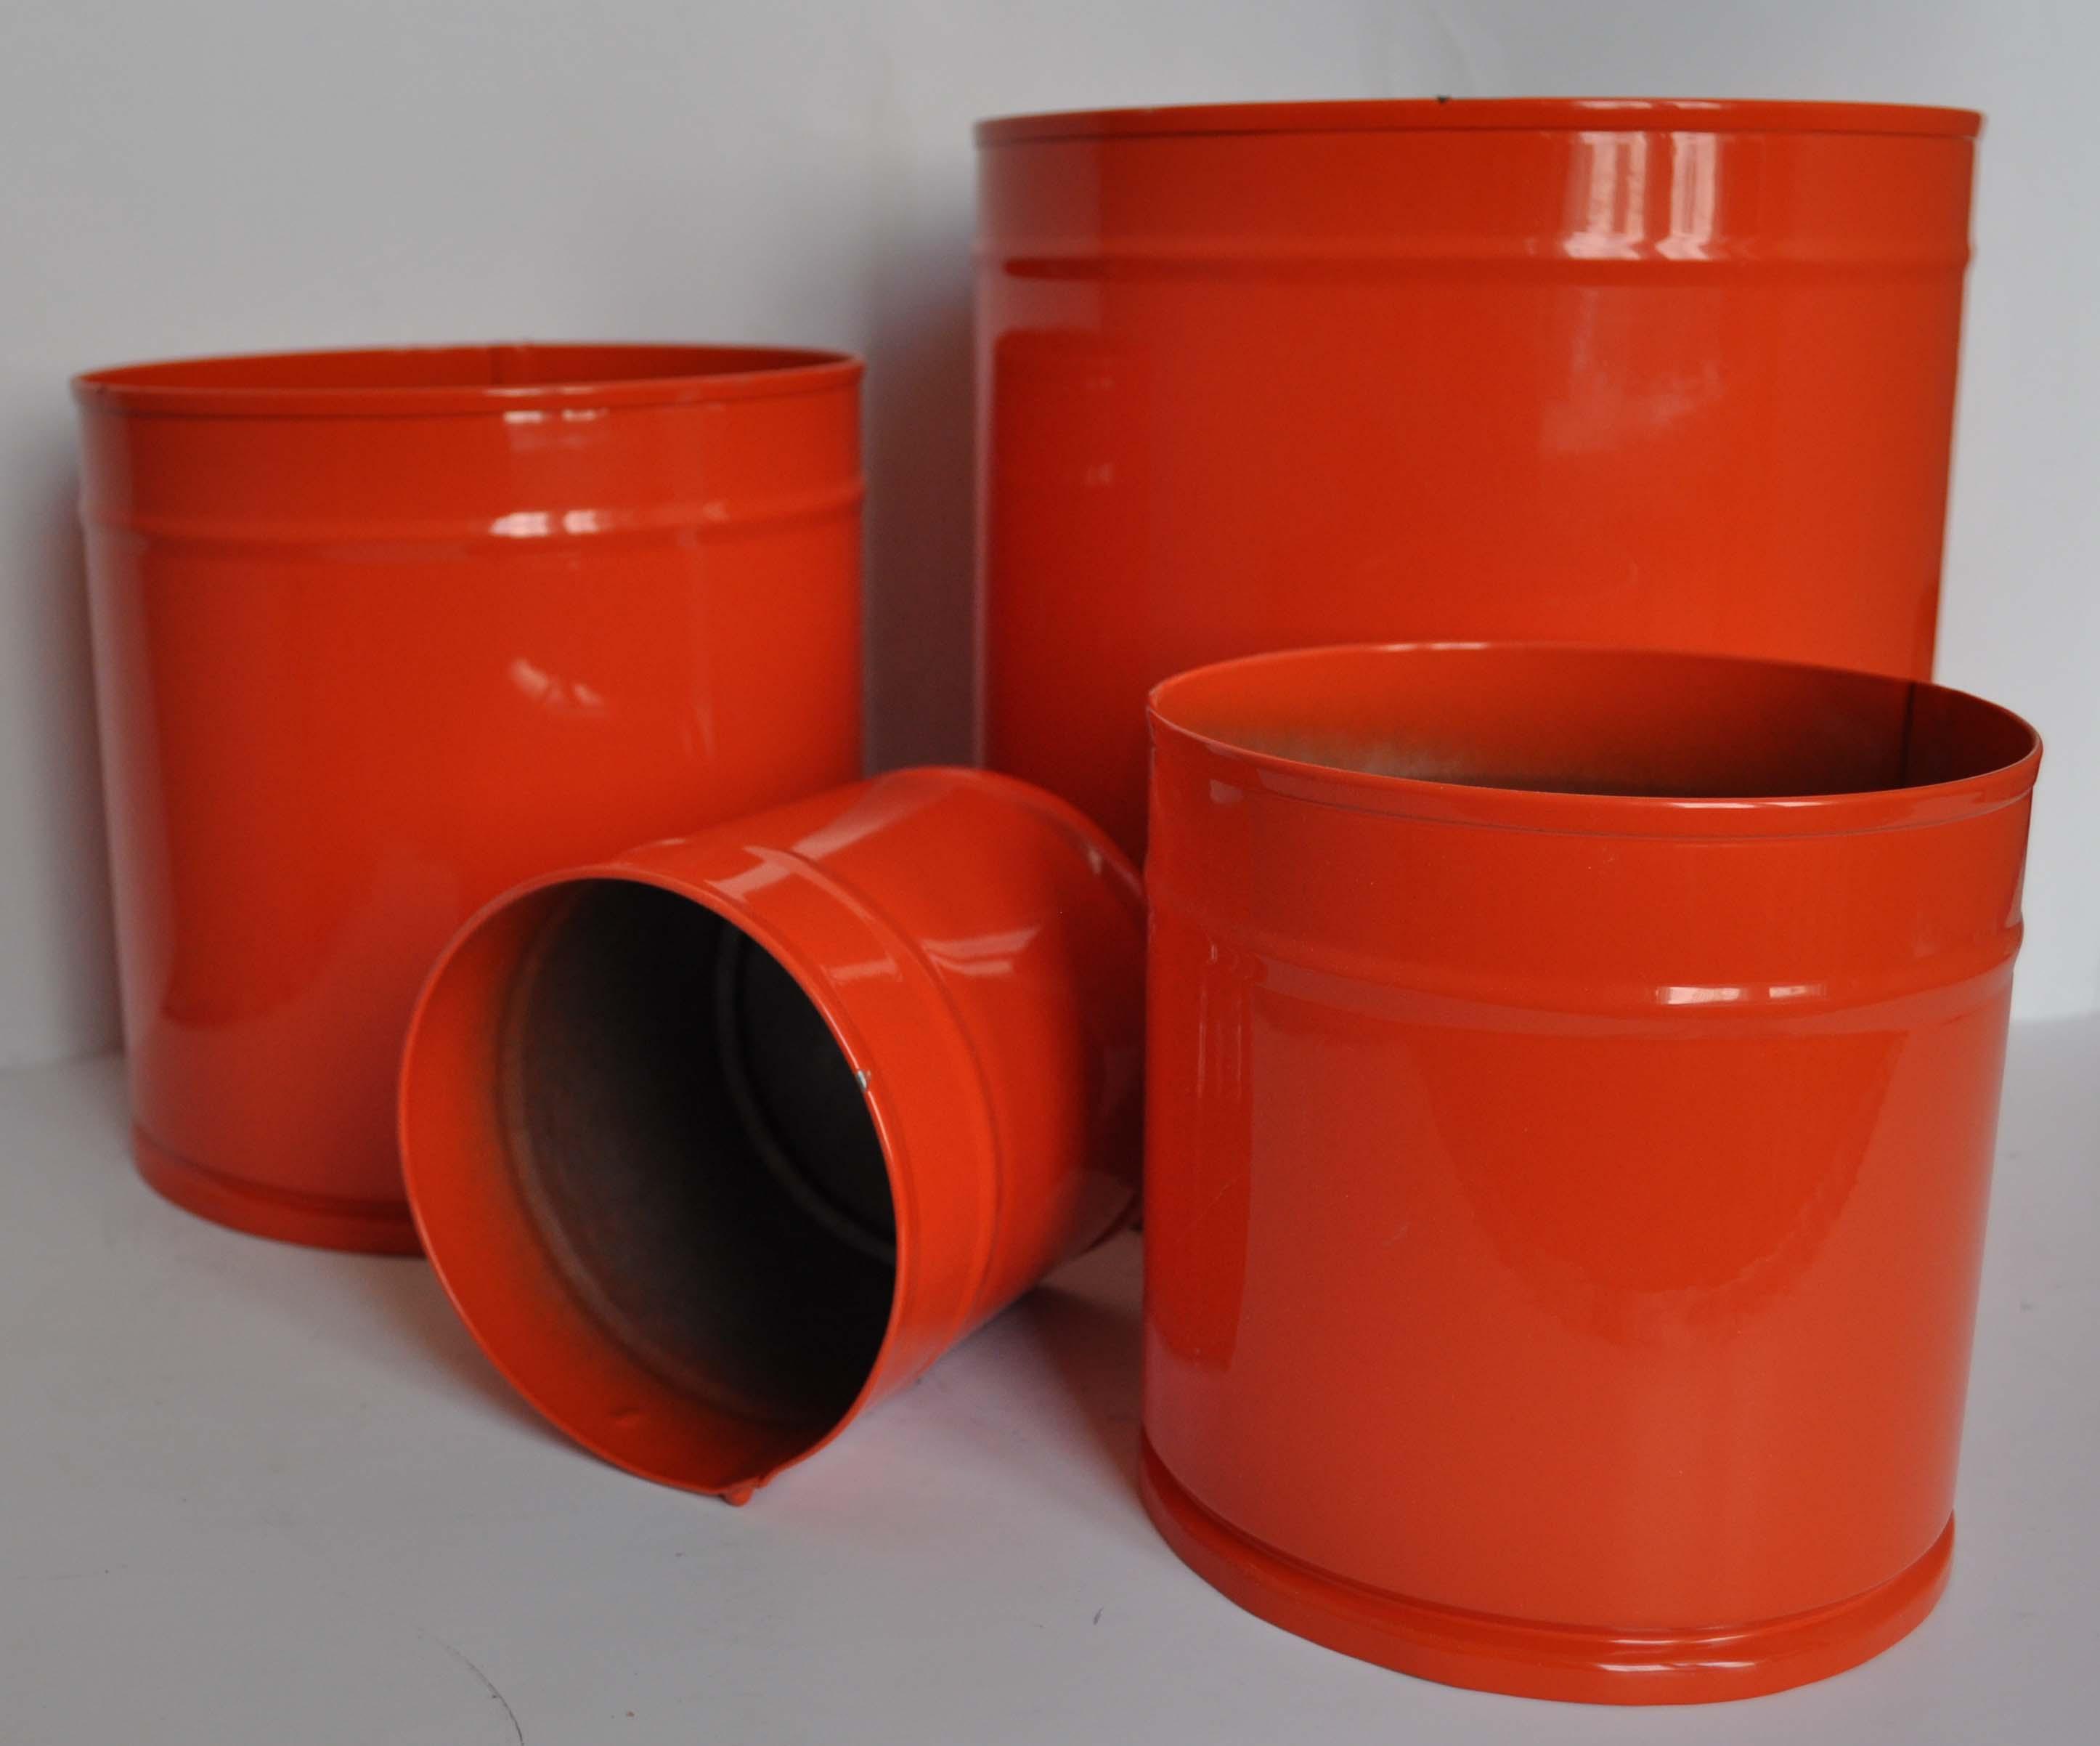 1.35 Набор мерной посуды МП-10 (1, 2, 5 и 10 л)   для определения номинального объёма сыпучих продуктов (песок, щебень, грунты и т.п.)